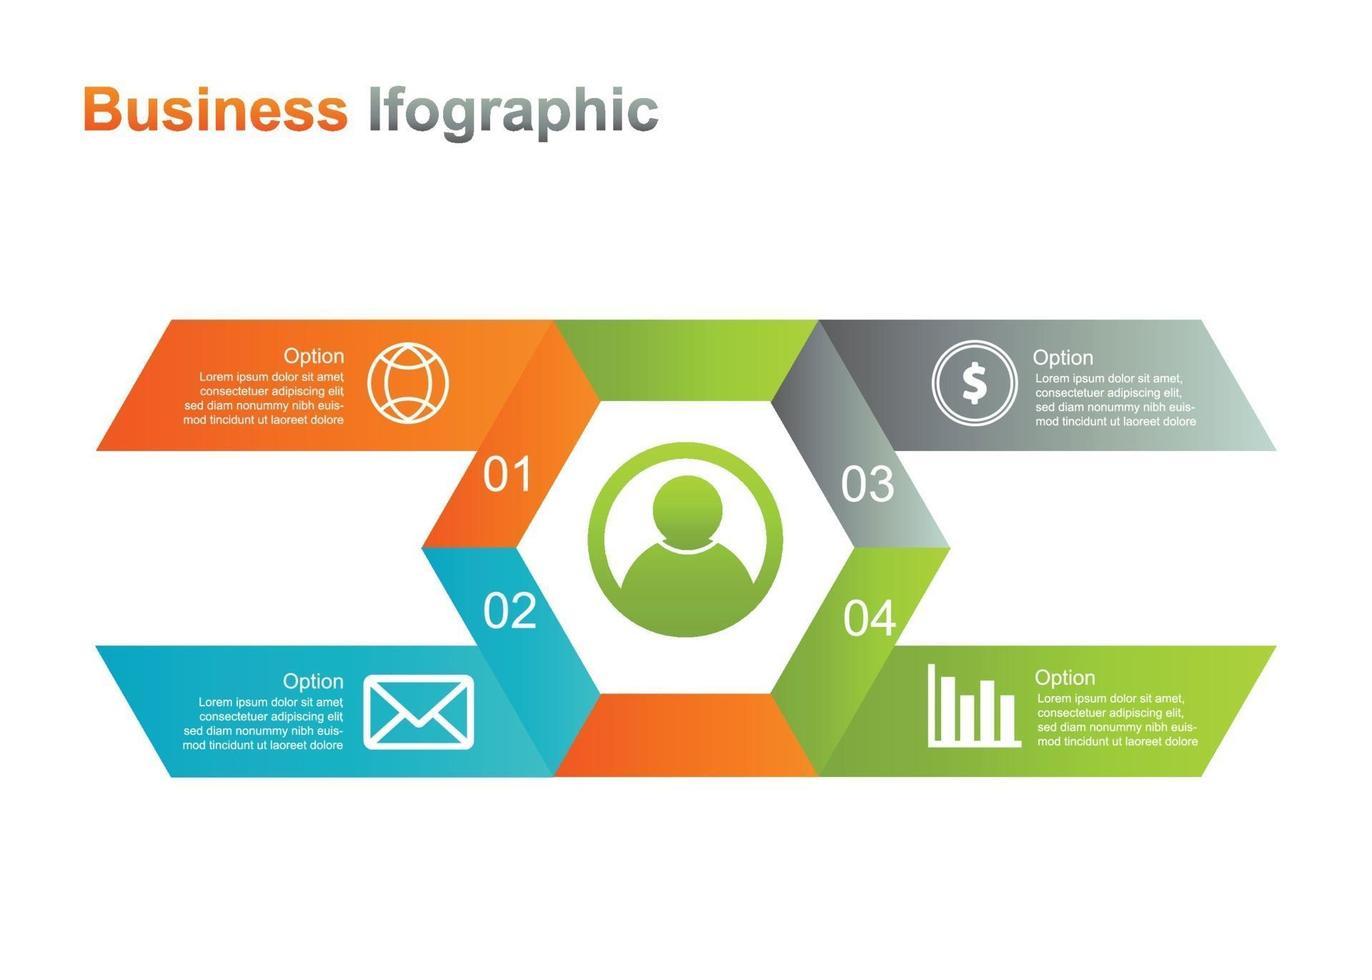 Business Infograpic Design Vorlage. 4 Option Infografik Vektor-Illustration. Perfekt für Marketing, Werbung und Präsentationsdesign vektor